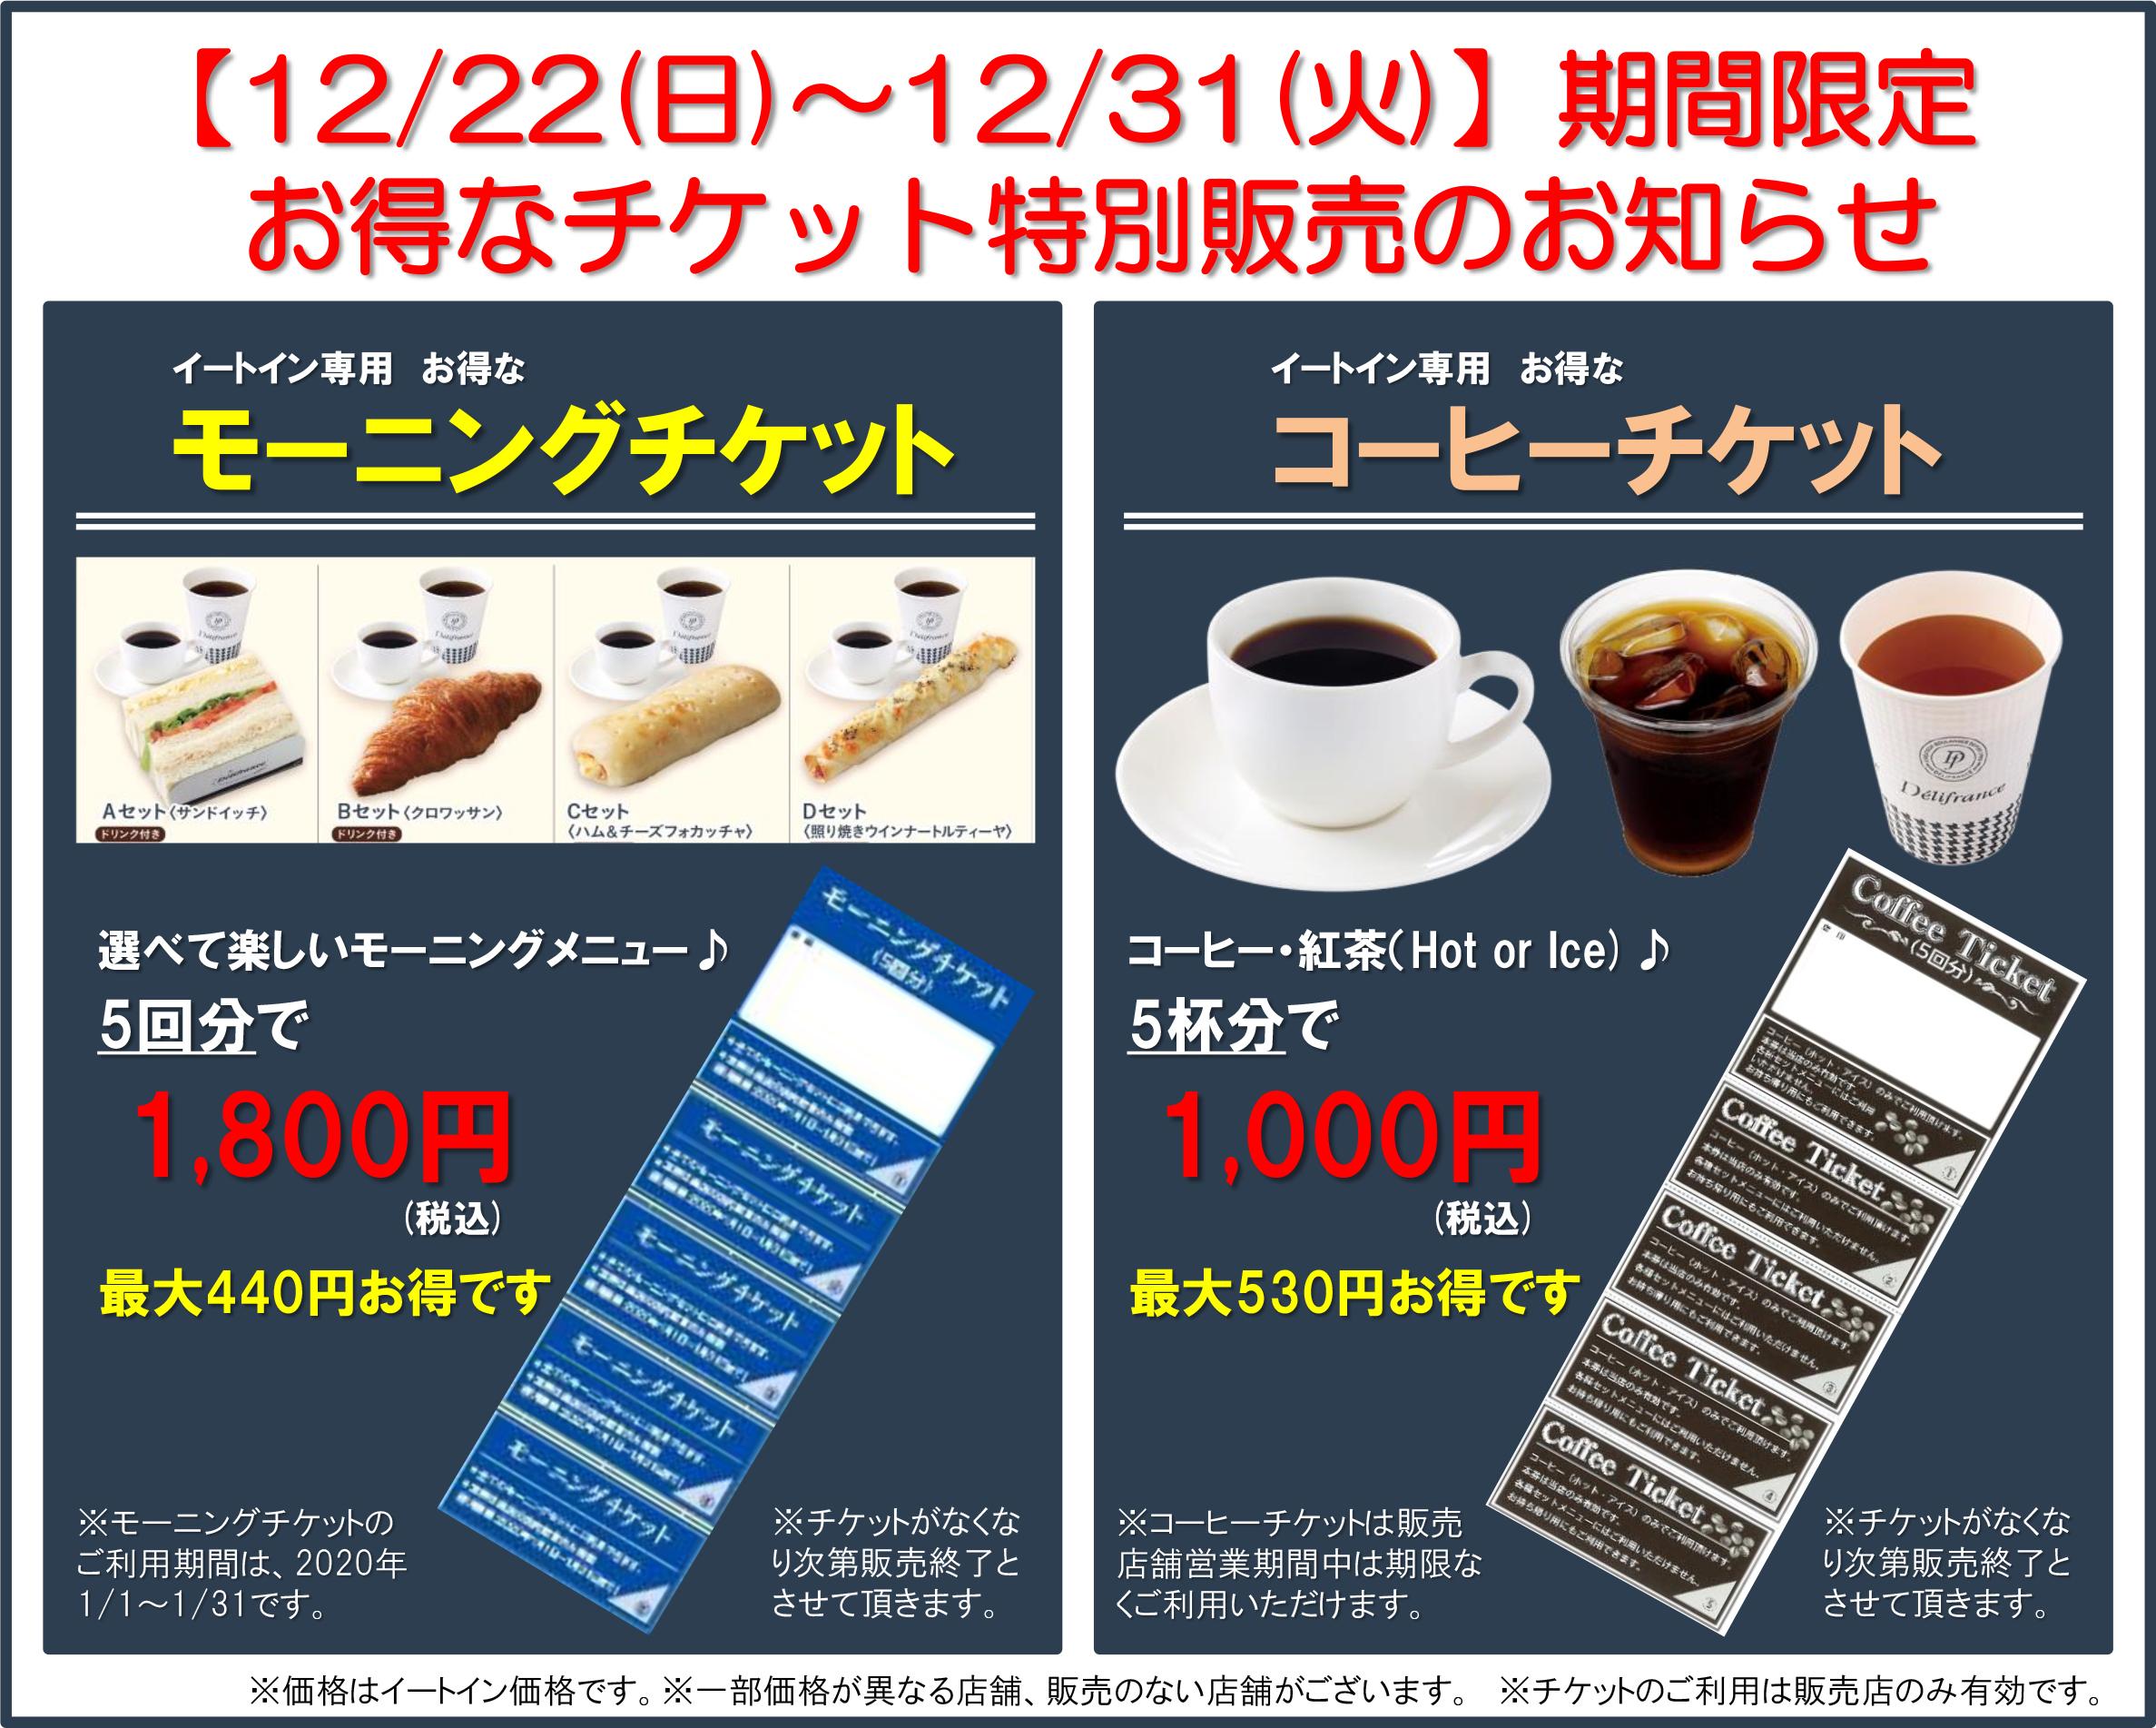 【12/22(日)~12/31(火)】期間限定   お得なチケット特別販売のお知らせ